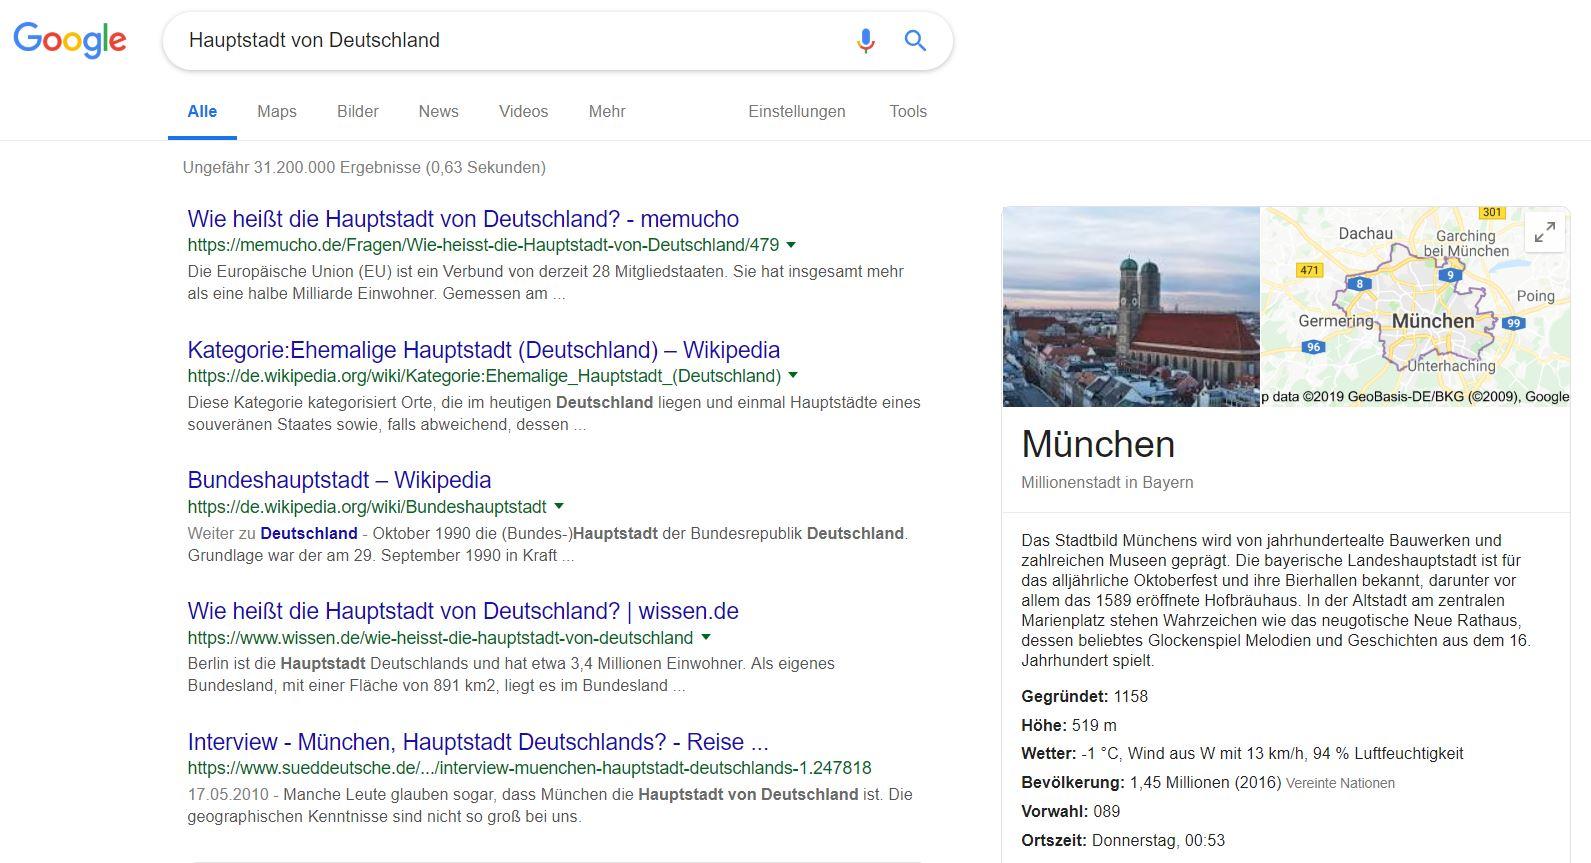 google hauptstadt muenchen